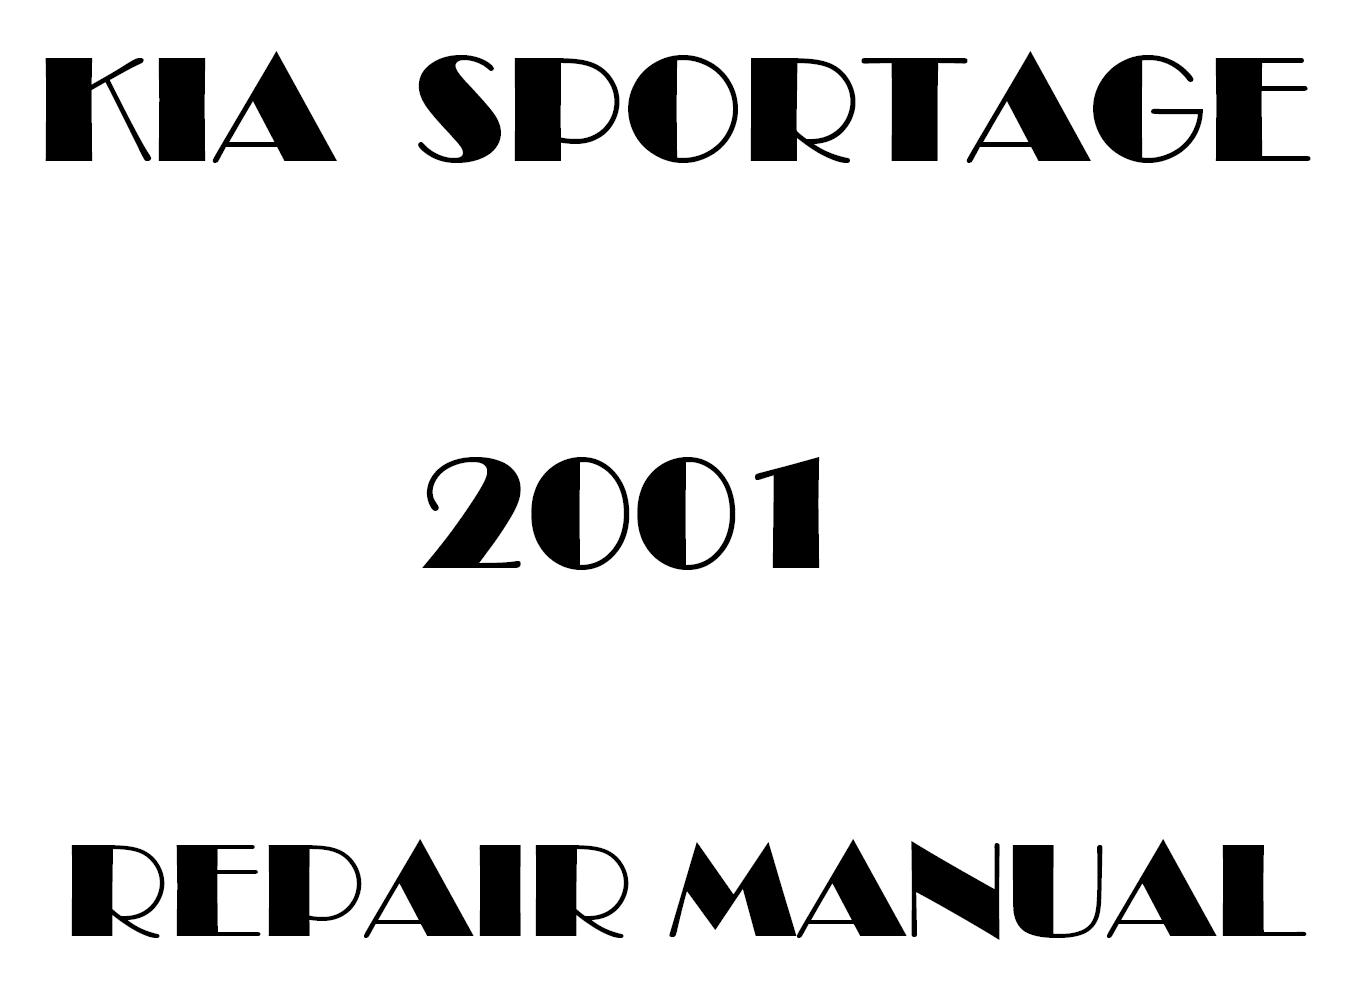 99 kia sportage repair manual pdf download